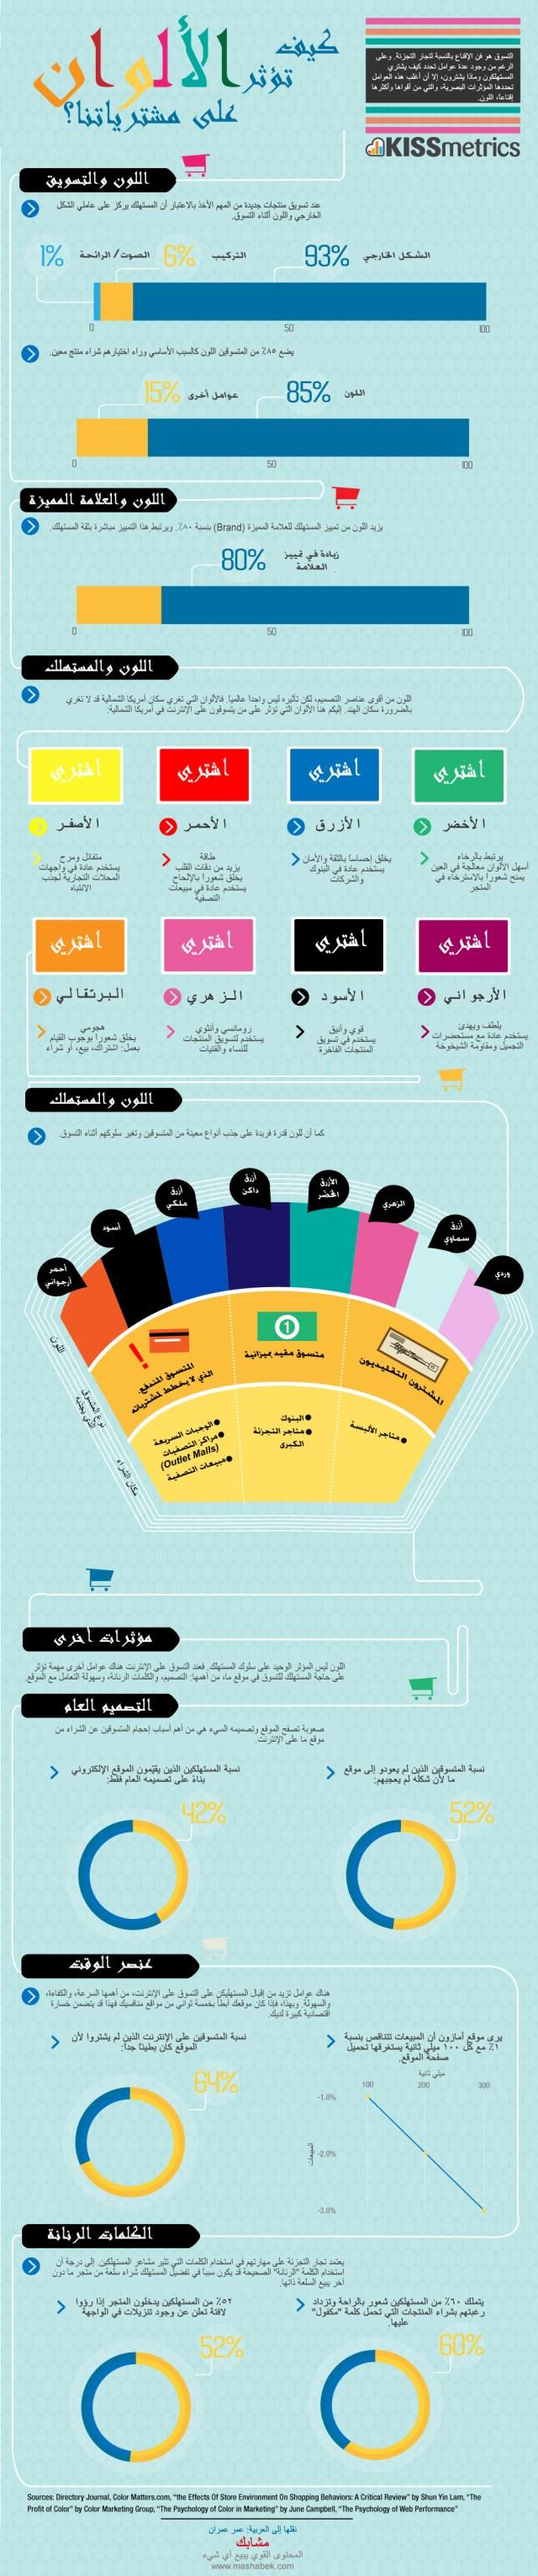 كيف تؤثر الألوان على مشترياتنا؟